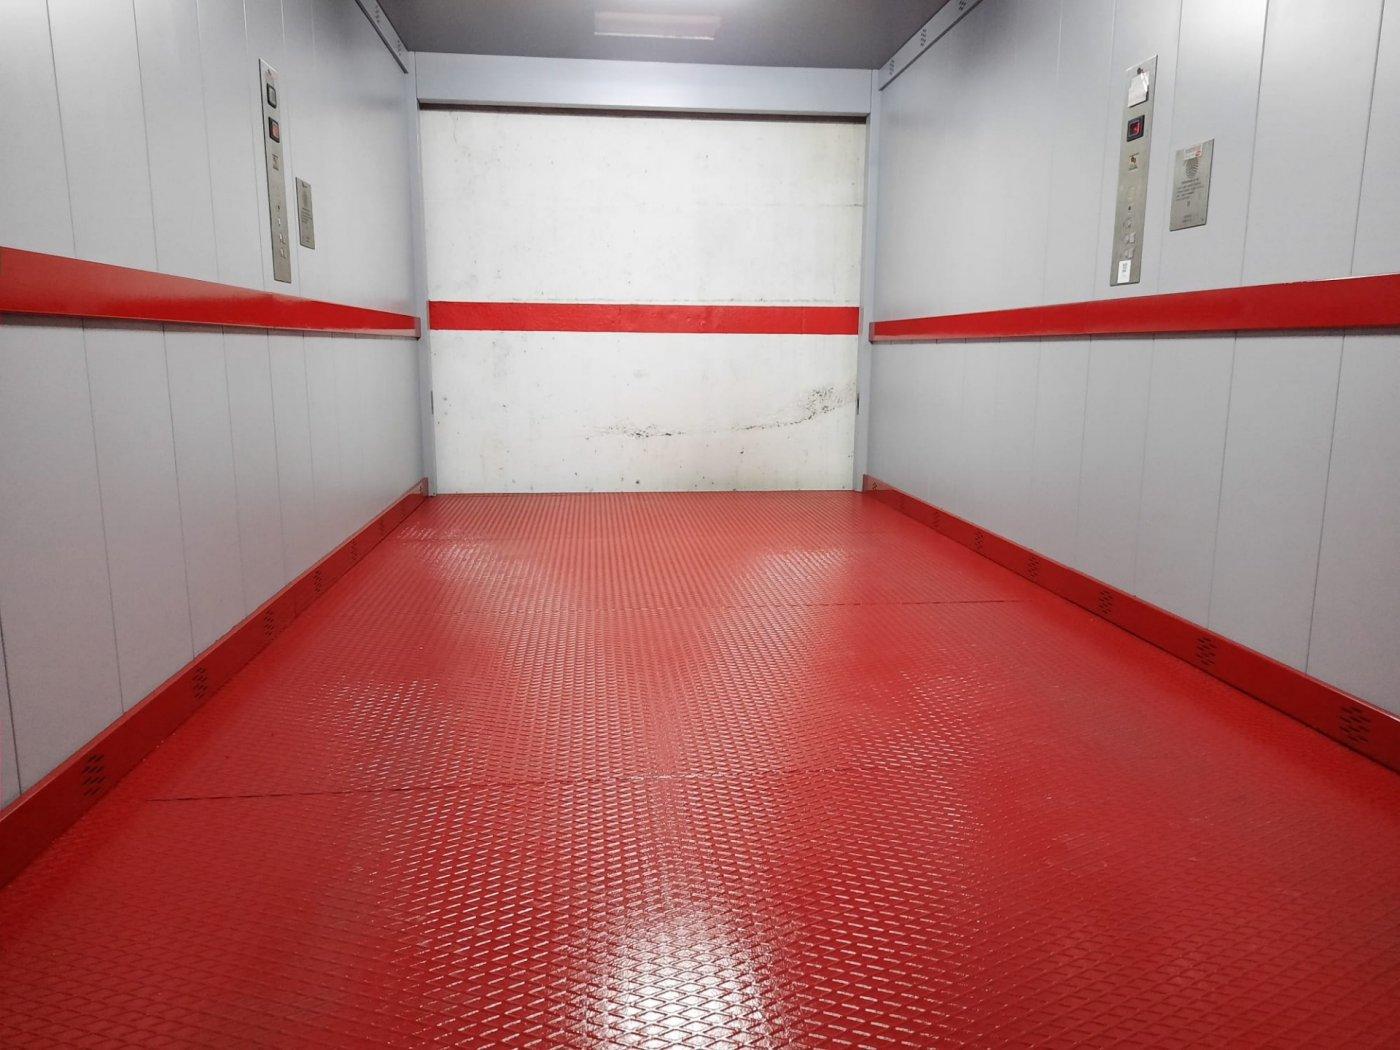 Garaje en  sotano con elevador  en plaza prado - imagenInmueble5